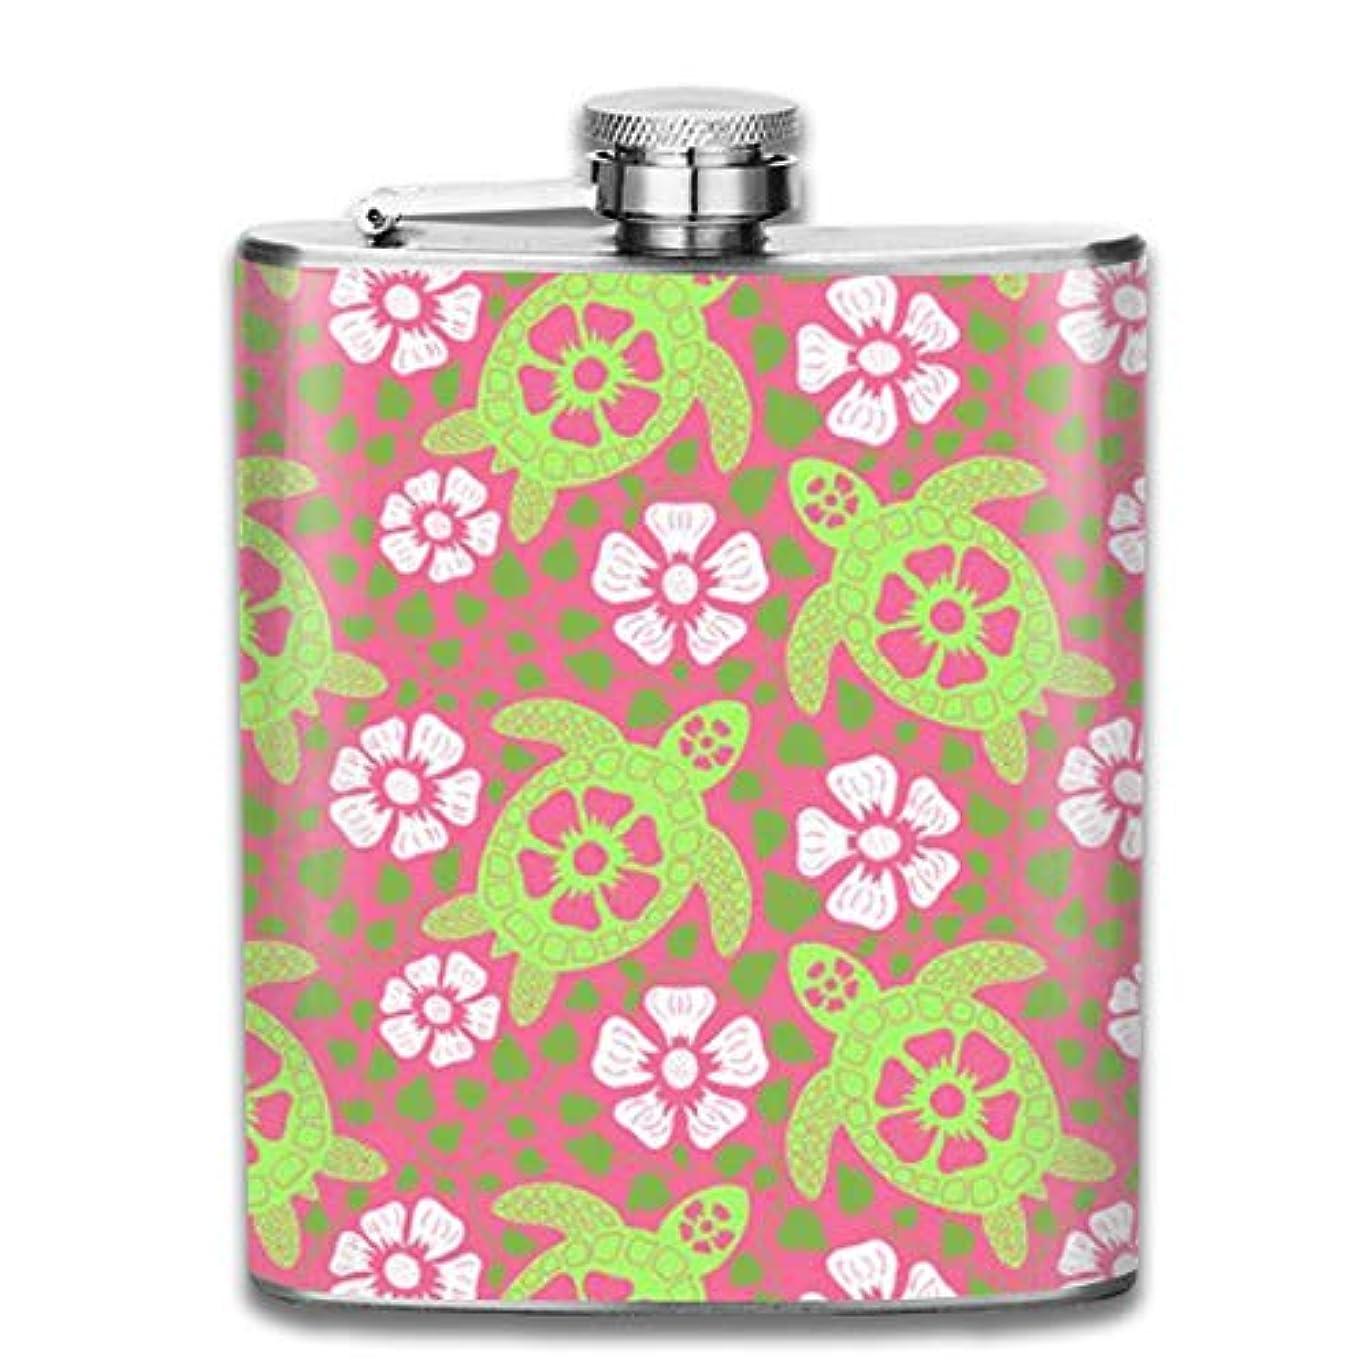 吸収褐色発音する桜の亀フラスコ スキットル ヒップフラスコ 7オンス 206ml 高品質ステンレス製 ウイスキー アルコール 清酒 携帯 ボトル